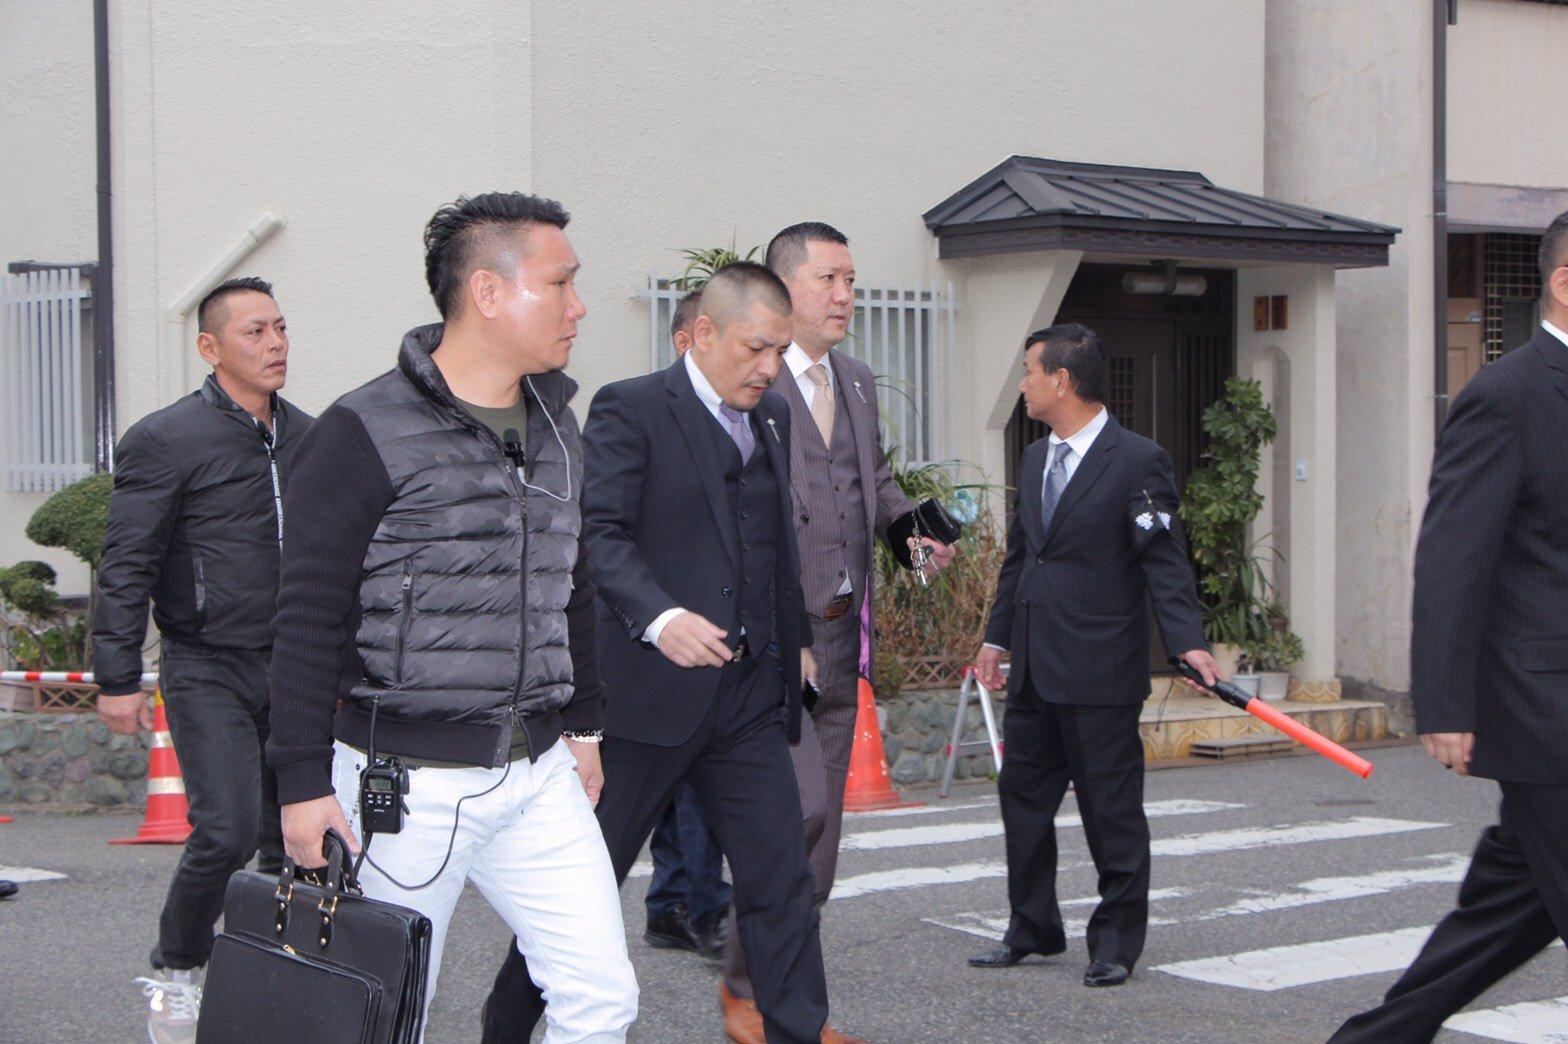 任侠山口組が2019年本格始動……「松本のカリスマ」といわれる武闘派若手組長が直参昇格